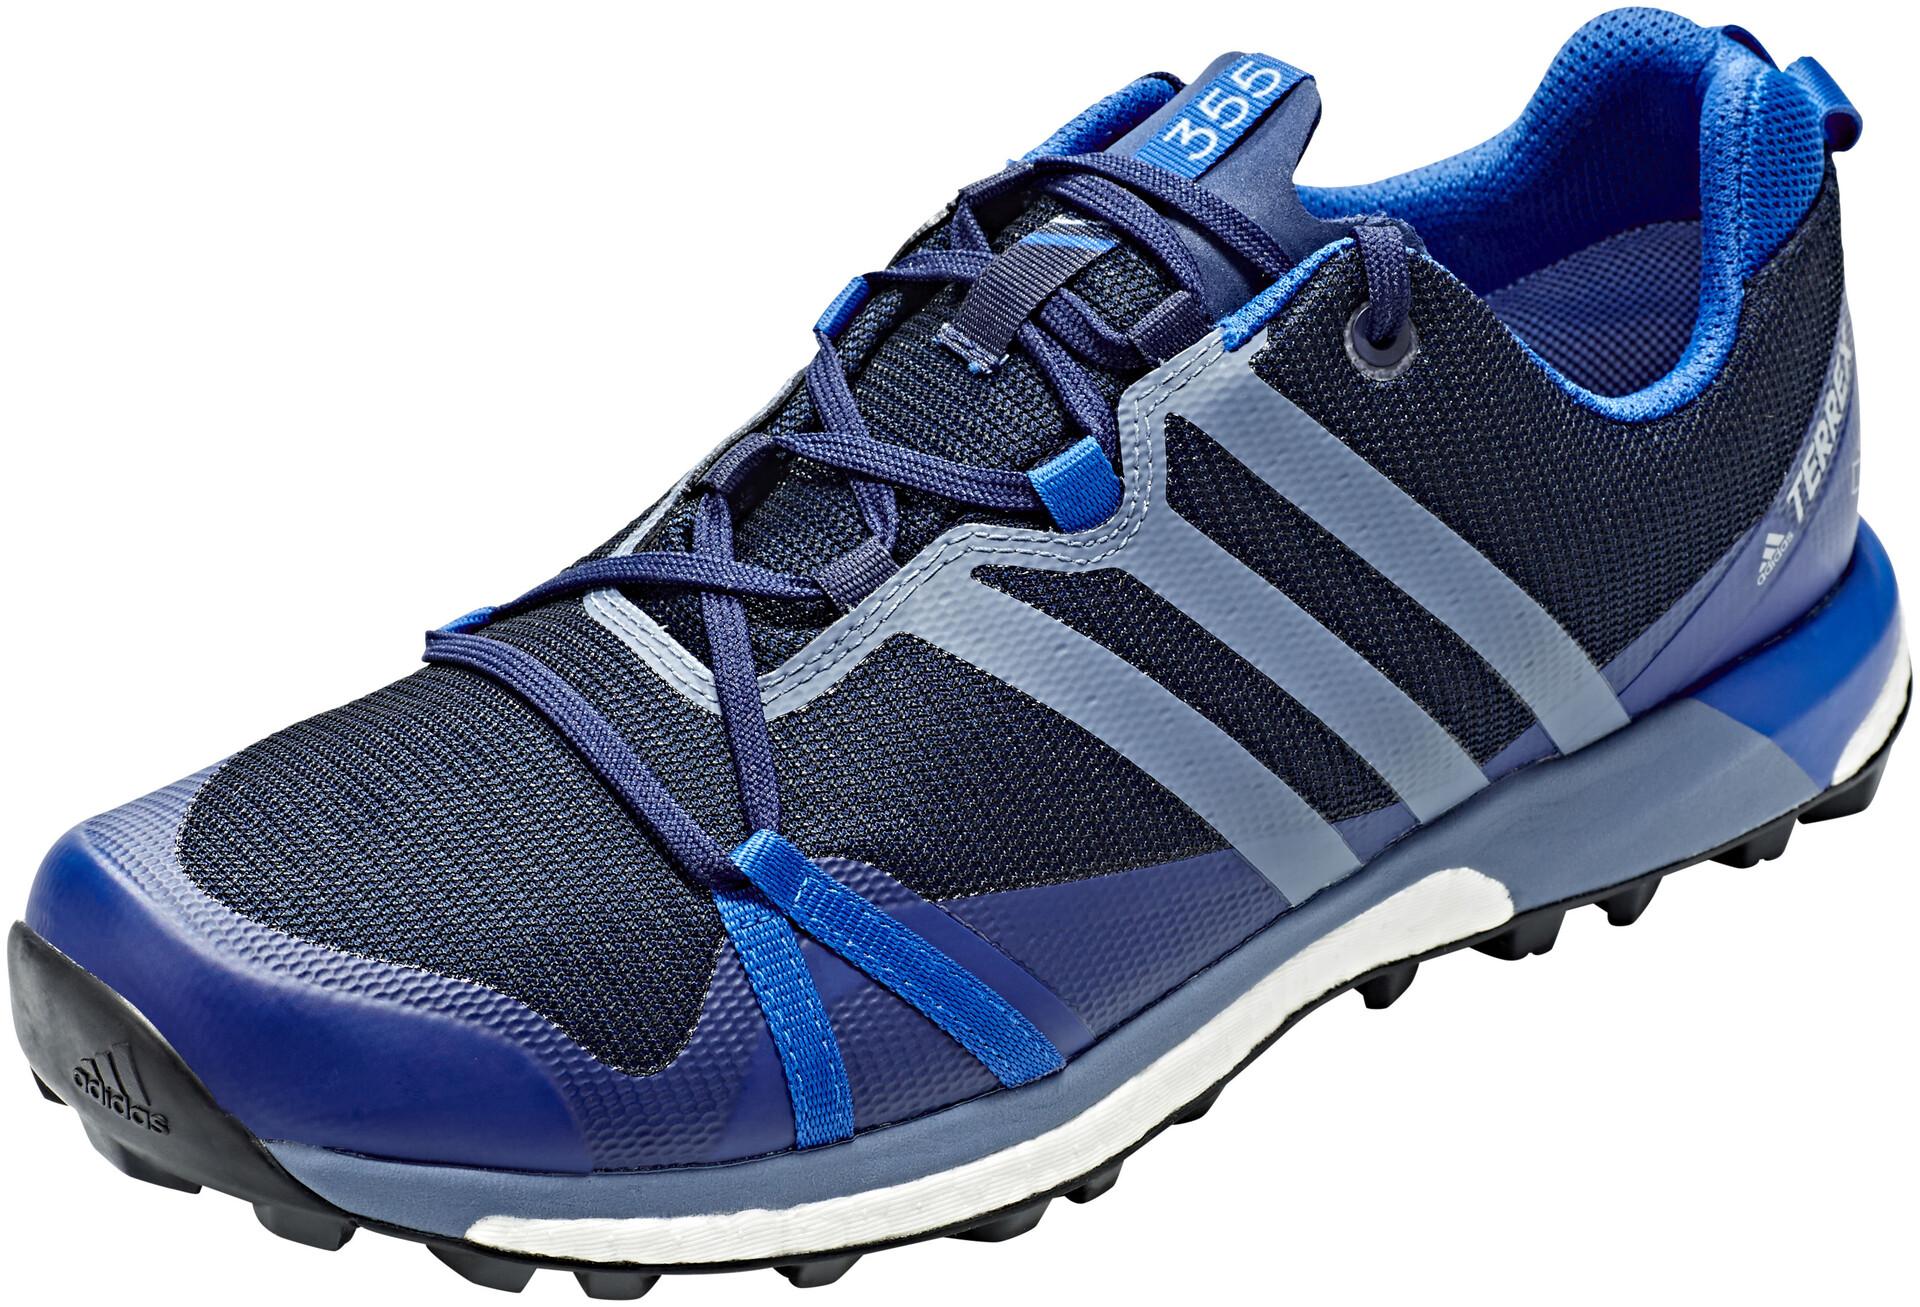 adidas TERREX Agravic GTX Hardloopschoenen Heren, collegiate navy/raw  steel/blue beauty